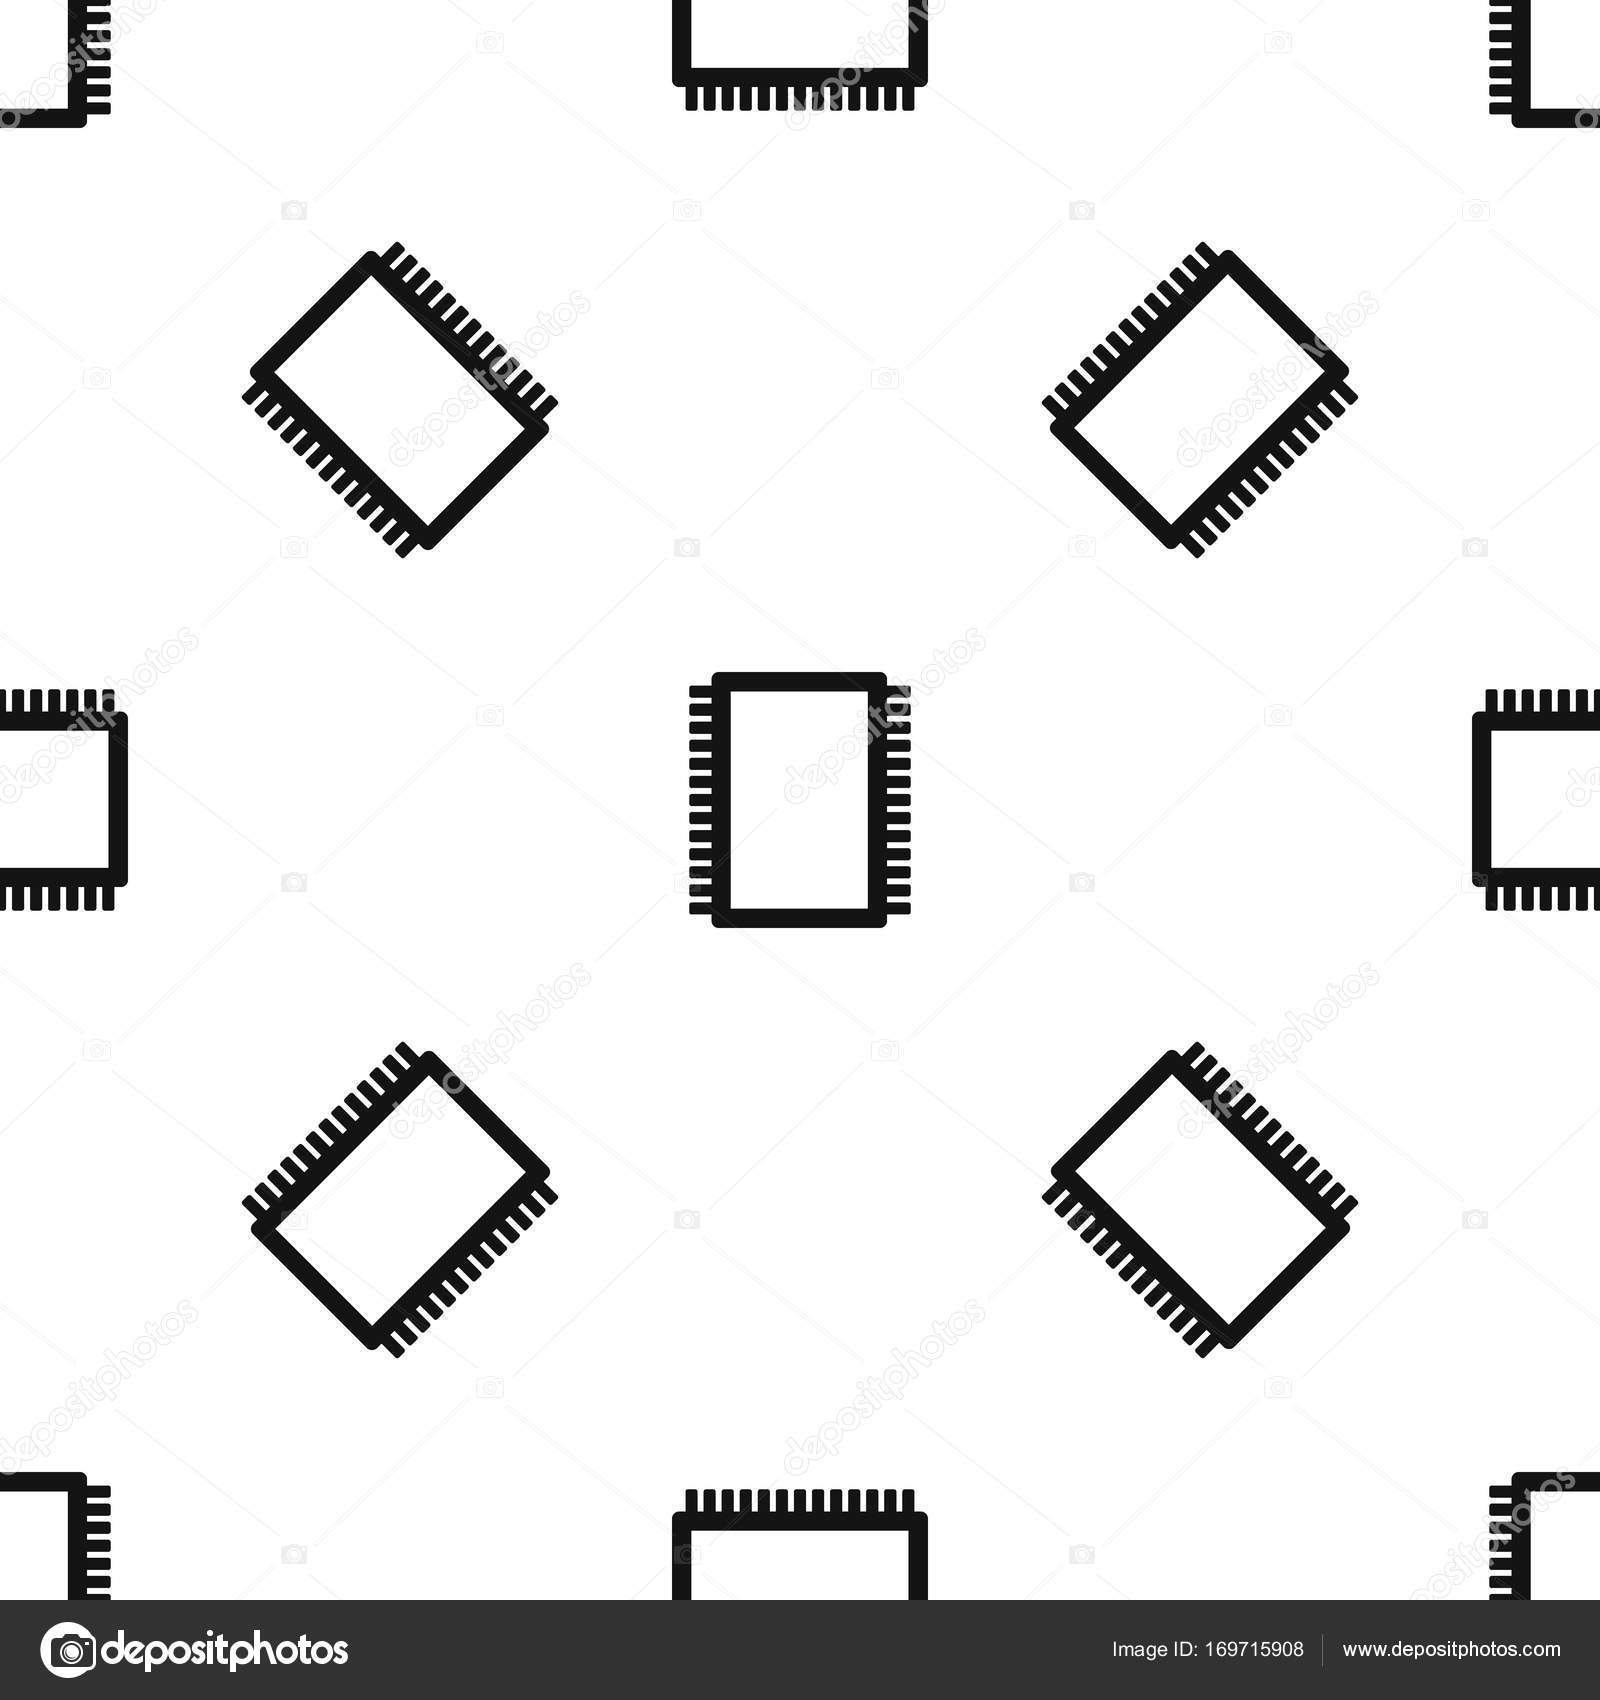 ordinateur de circuit imprim u00e9 motif noir sans soudure  u2014 image vectorielle ylivdesign  u00a9  169715908